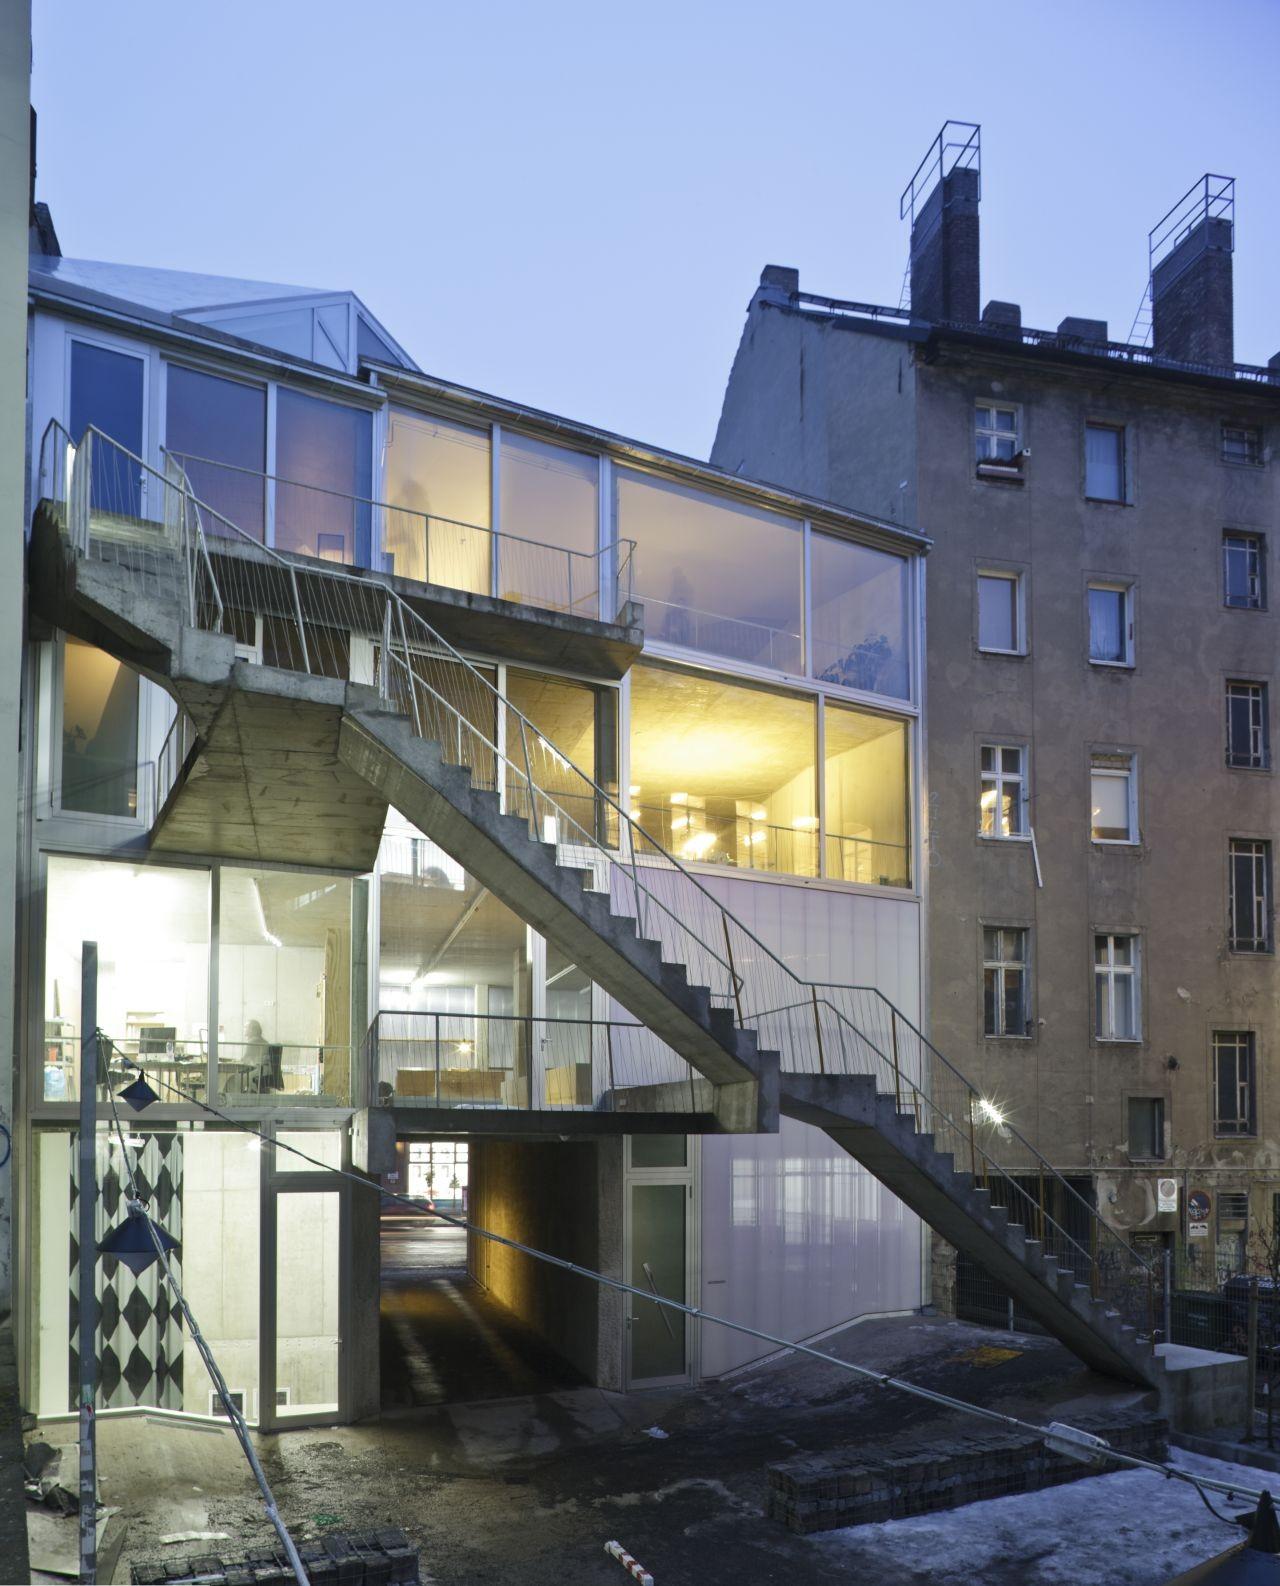 gallery of brunnenstrasse 9 brandlhuber 8. Black Bedroom Furniture Sets. Home Design Ideas